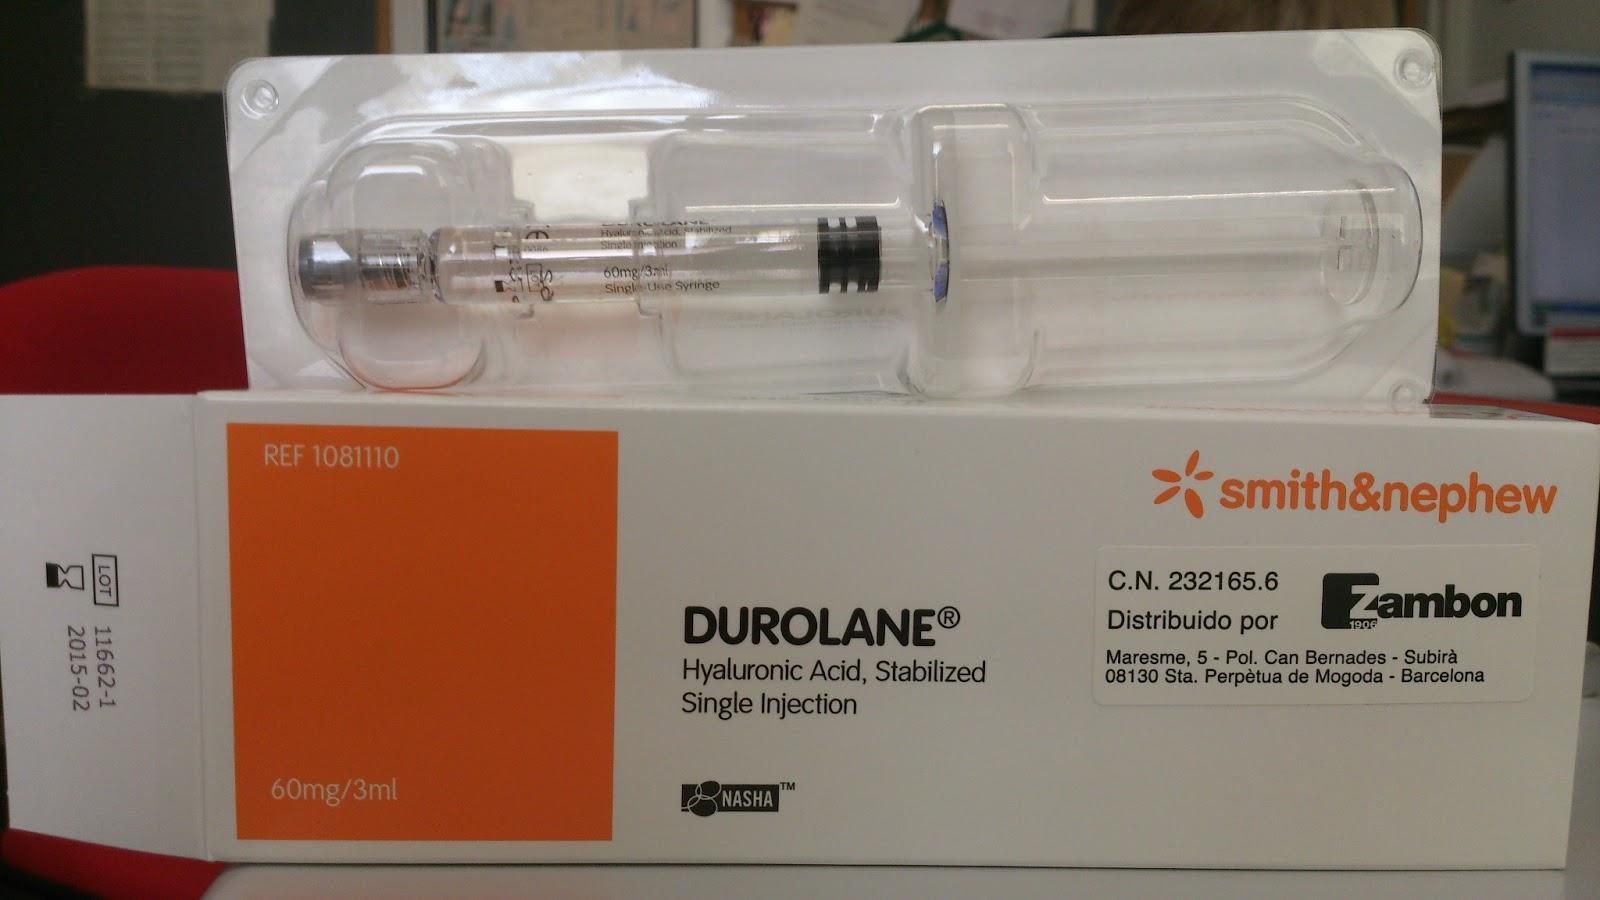 укол с гиалуроновой кислотой для суставов